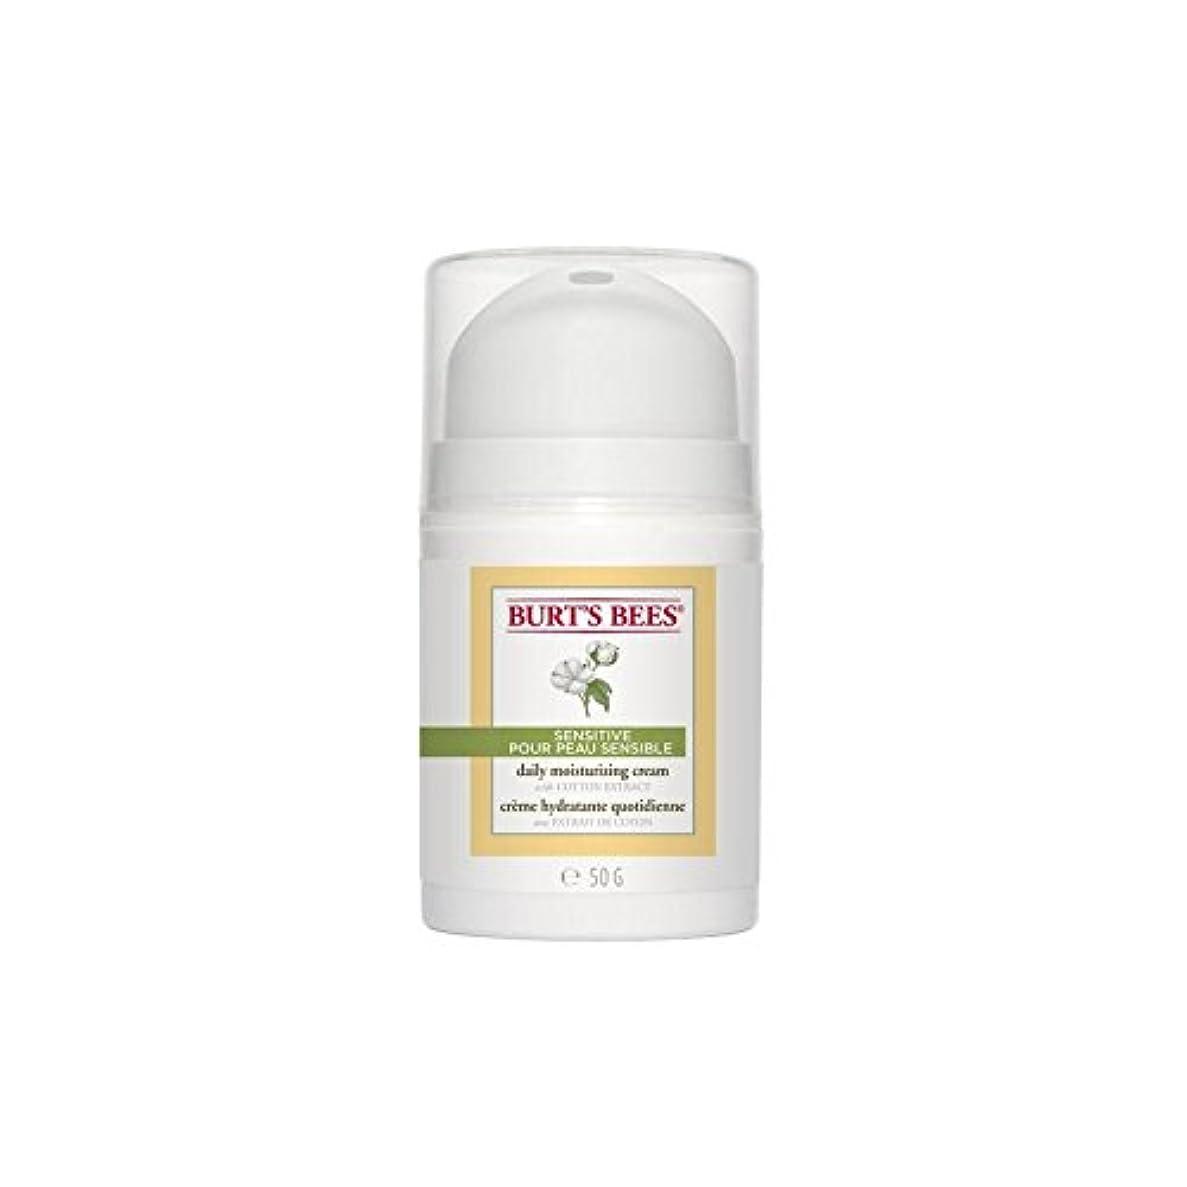 売る不完全補助バーツビー敏感毎日保湿クリーム50グラム x2 - Burt's Bees Sensitive Daily Moisturising Cream 50G (Pack of 2) [並行輸入品]